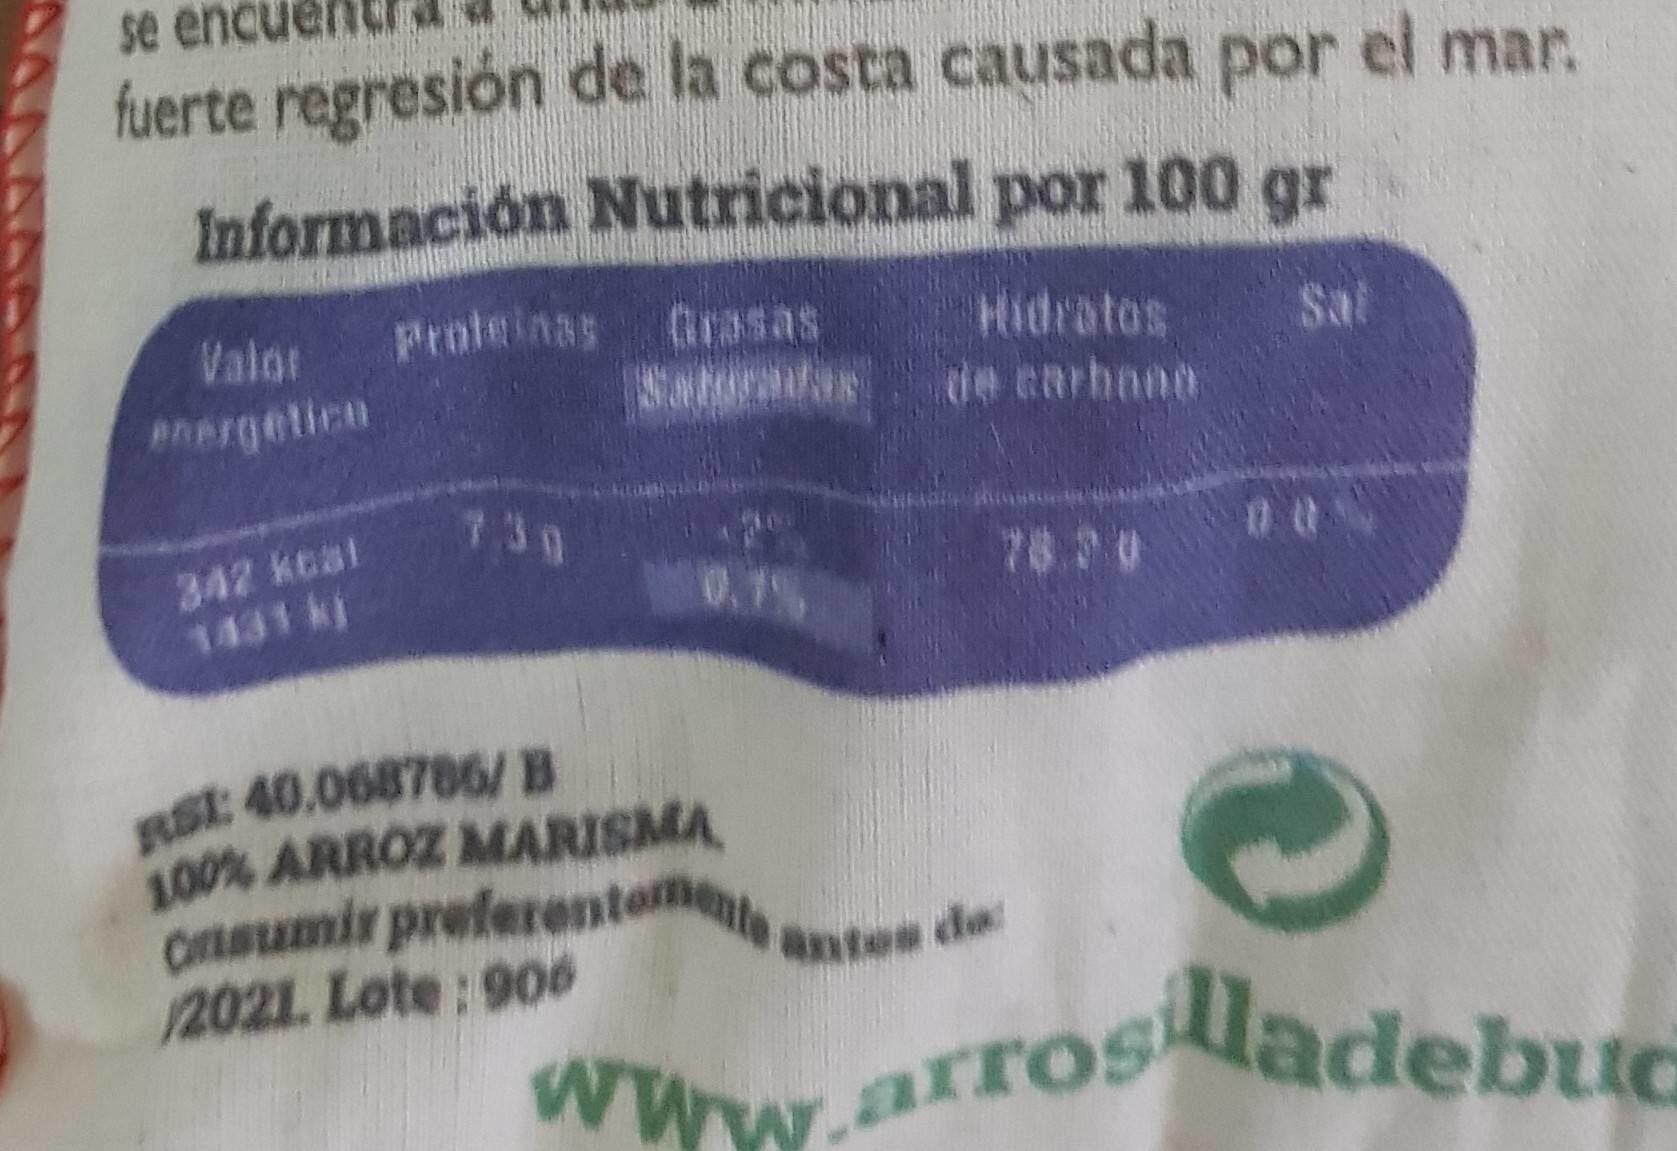 Arroz Redondo Marisma de la Isla de Buda - Nutrition facts